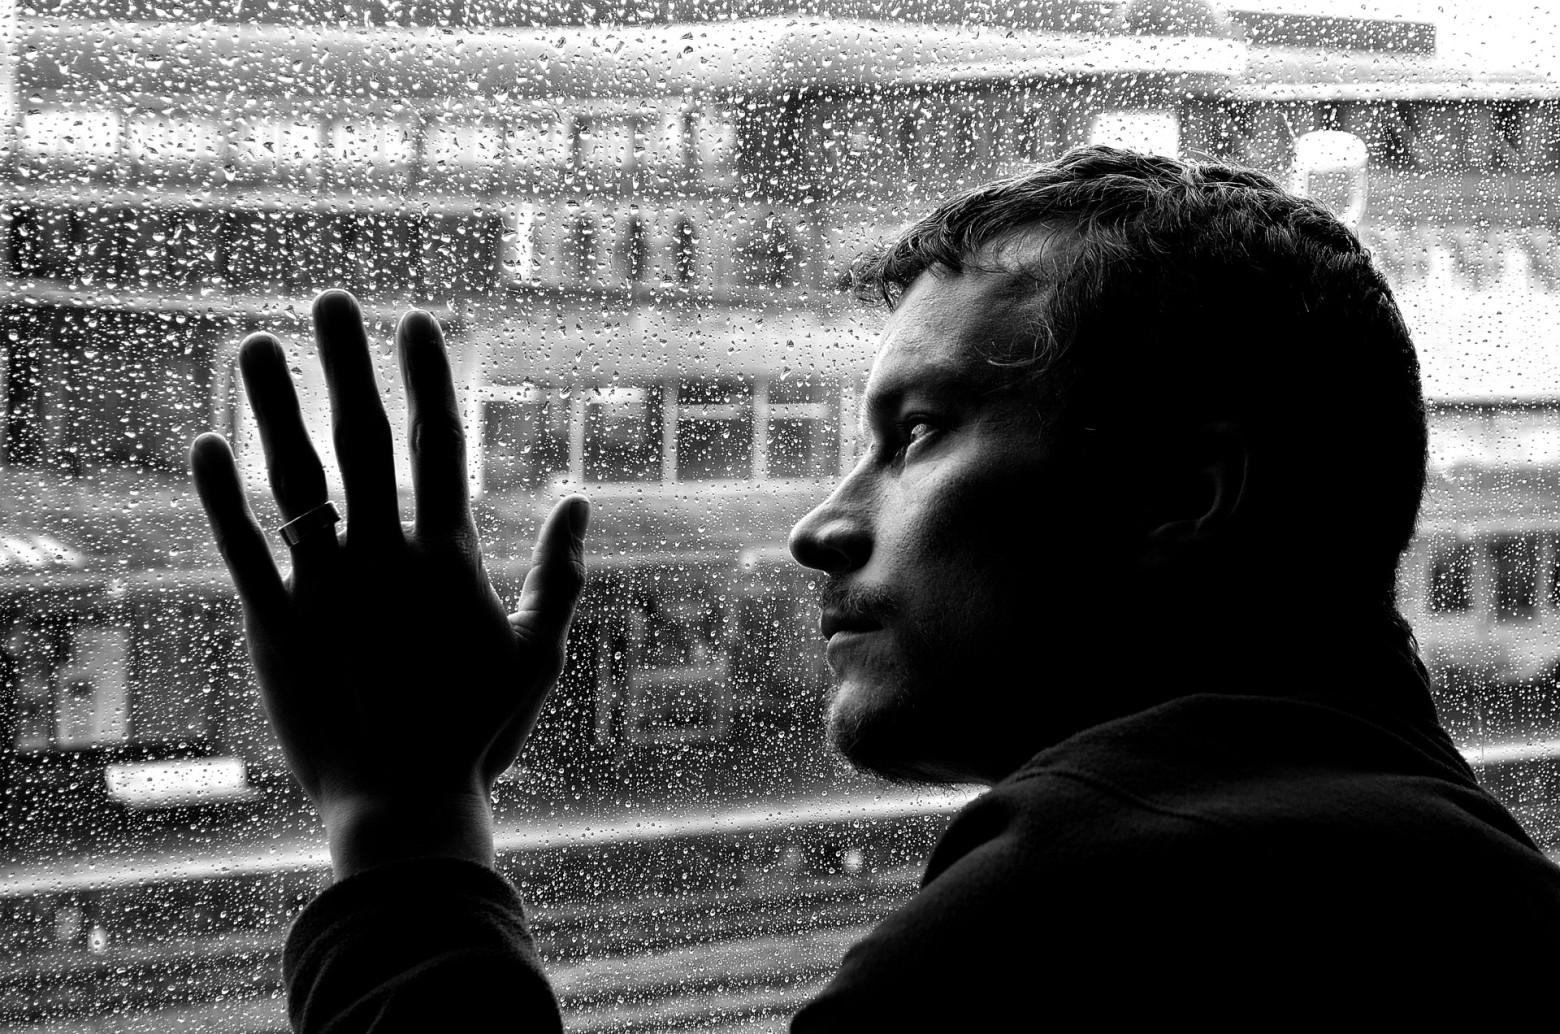 homme triste qui regarde la pluie tomber fenêtre